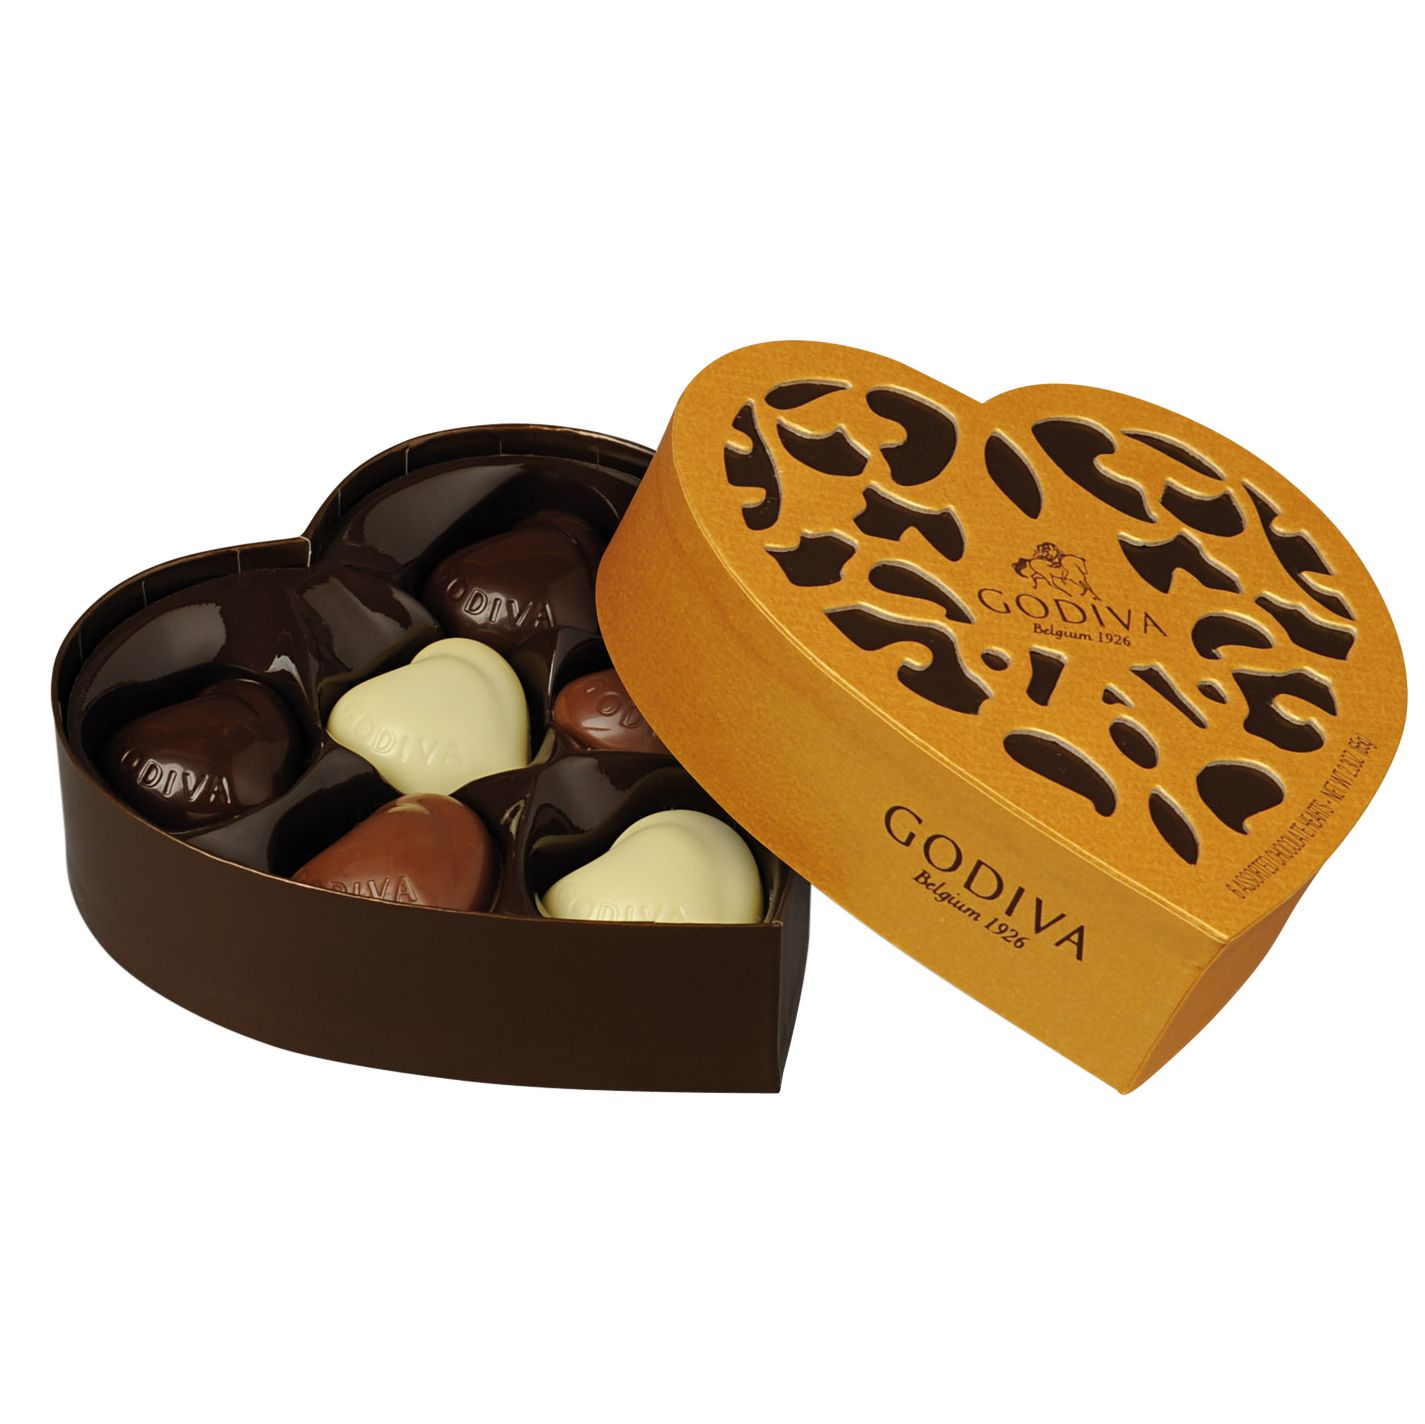 Godiva Godiva Coeur Iconique Chocolate Box, 65g